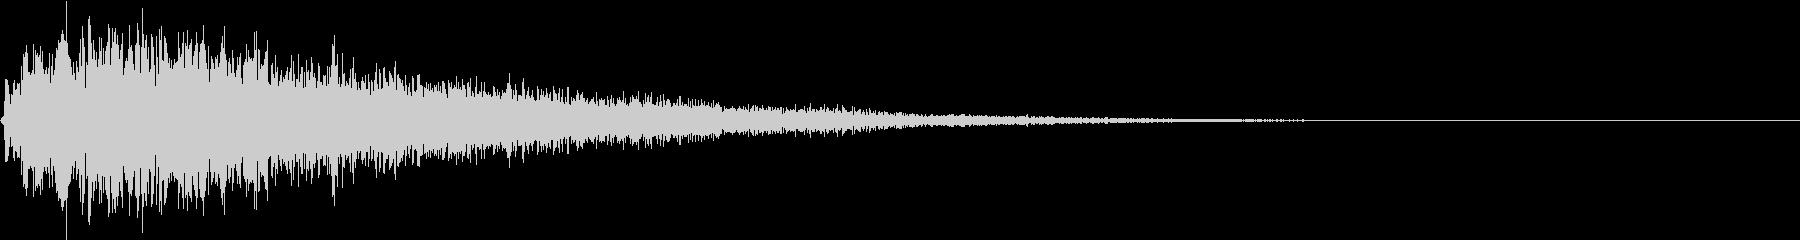 【ホラーゲーム】不意打ち_シンバル_01の未再生の波形